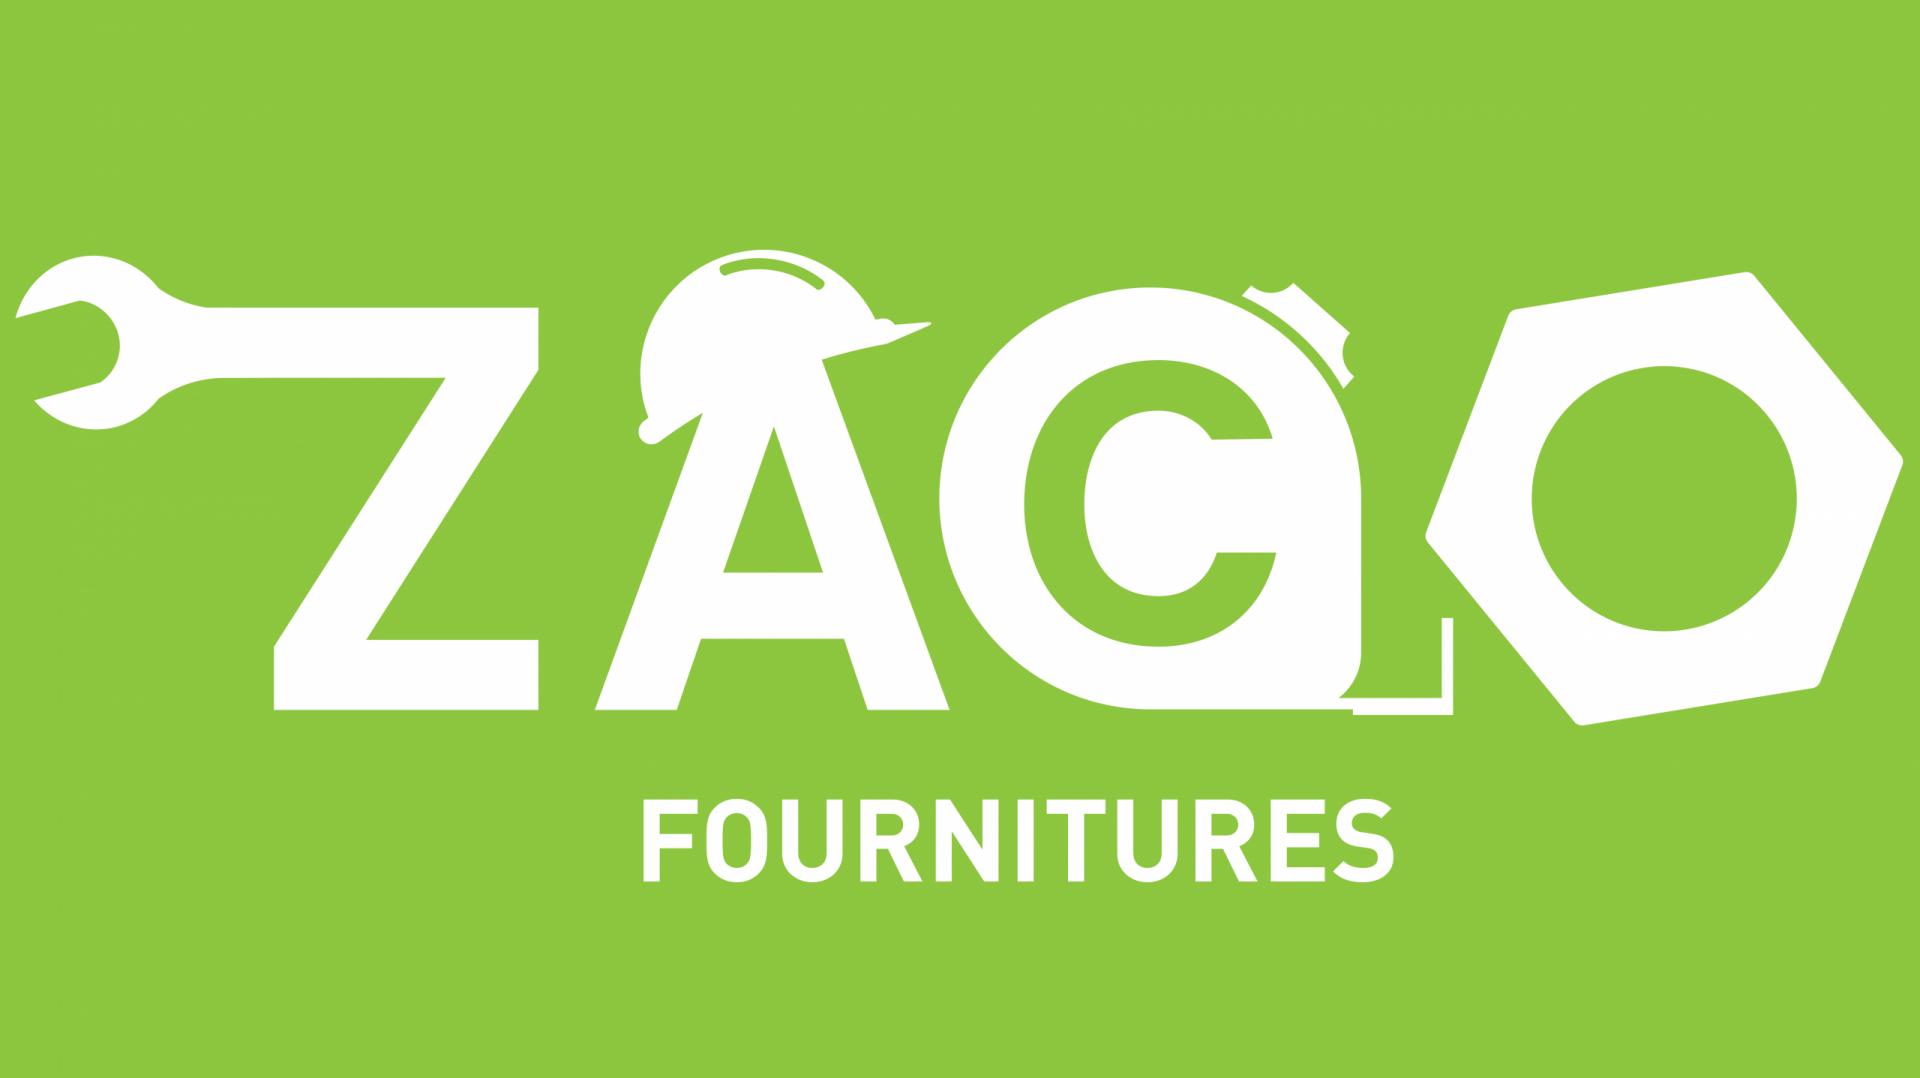 zaco : Brand Short Description Type Here.